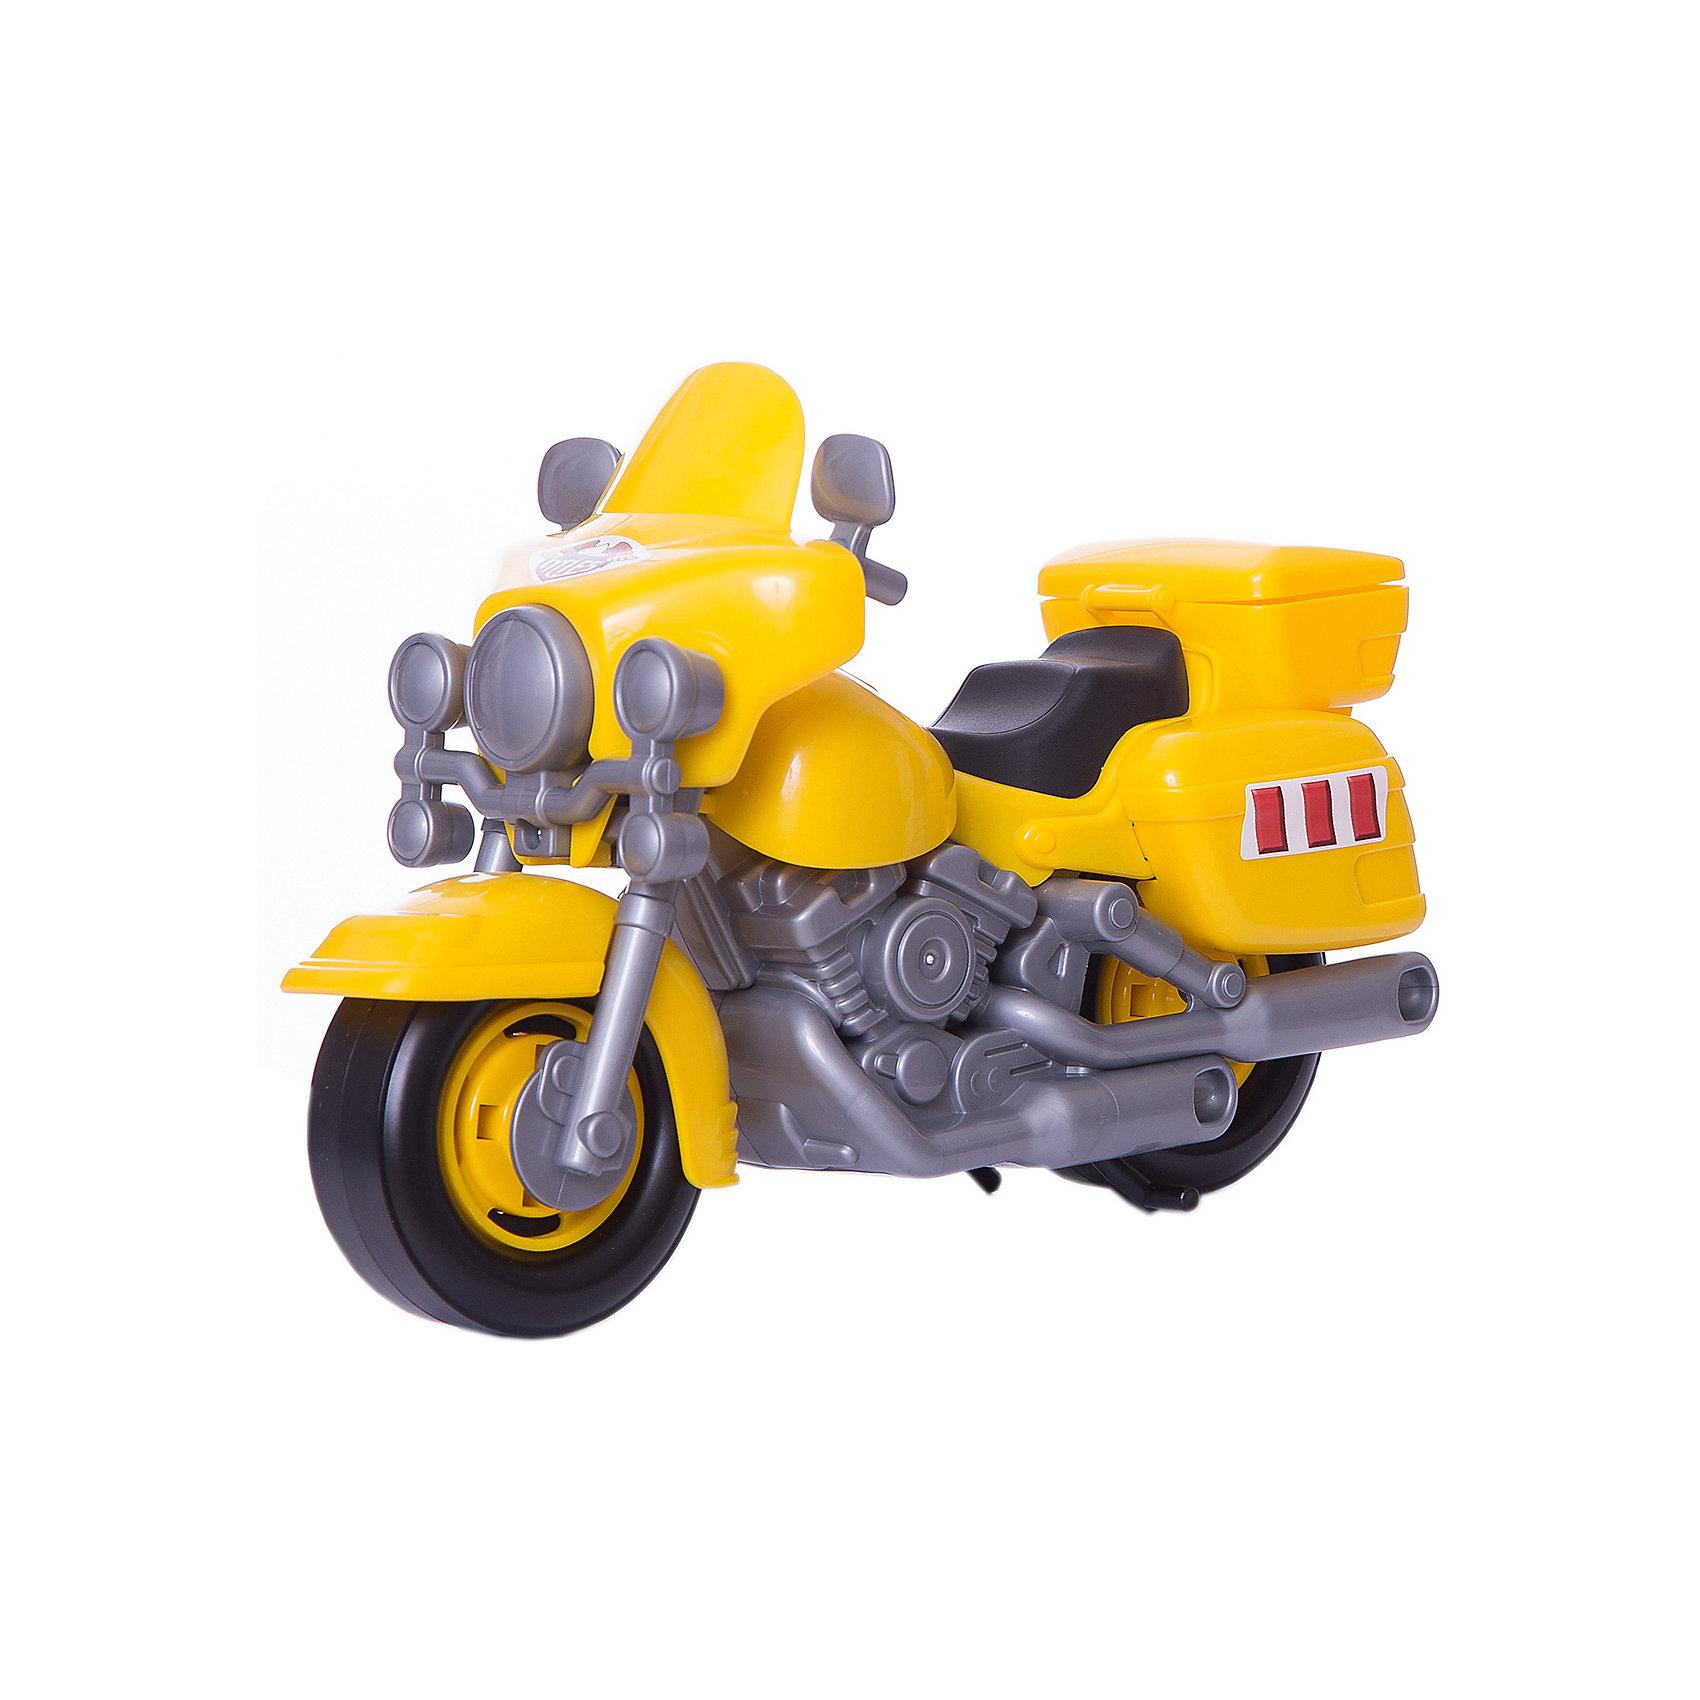 Мотоцикл полицейский Харлей, ПолесьеМашинки-каталки<br>Характеристики товара:<br><br>• возраст: от 3 лет<br>• материал: высококачественный пластик.<br>• размер игрушки: 27 х 11.5 х 18 см.<br>• упаковка: пакет с хедером.<br>• страна обладатель бренда: Беларусь.<br><br>Полицейский мотоцикл подойдет для придумывания с ним различных игр на тему охраны правопорядка. Кроме того, он, как и всякое транспортное средство, интересен ребенку, прежде всего, своей правдоподобностью. <br><br>Дизайн мотоцикла очень хорошо продуман, проработано множество деталей, на корпусе есть наклейки.<br><br>Мотоцикл полицейский Харлей, Полесье можно купить в нашем интернет-магазине.<br><br>Ширина мм: 270<br>Глубина мм: 115<br>Высота мм: 180<br>Вес г: 270<br>Возраст от месяцев: 36<br>Возраст до месяцев: 96<br>Пол: Мужской<br>Возраст: Детский<br>SKU: 4763424